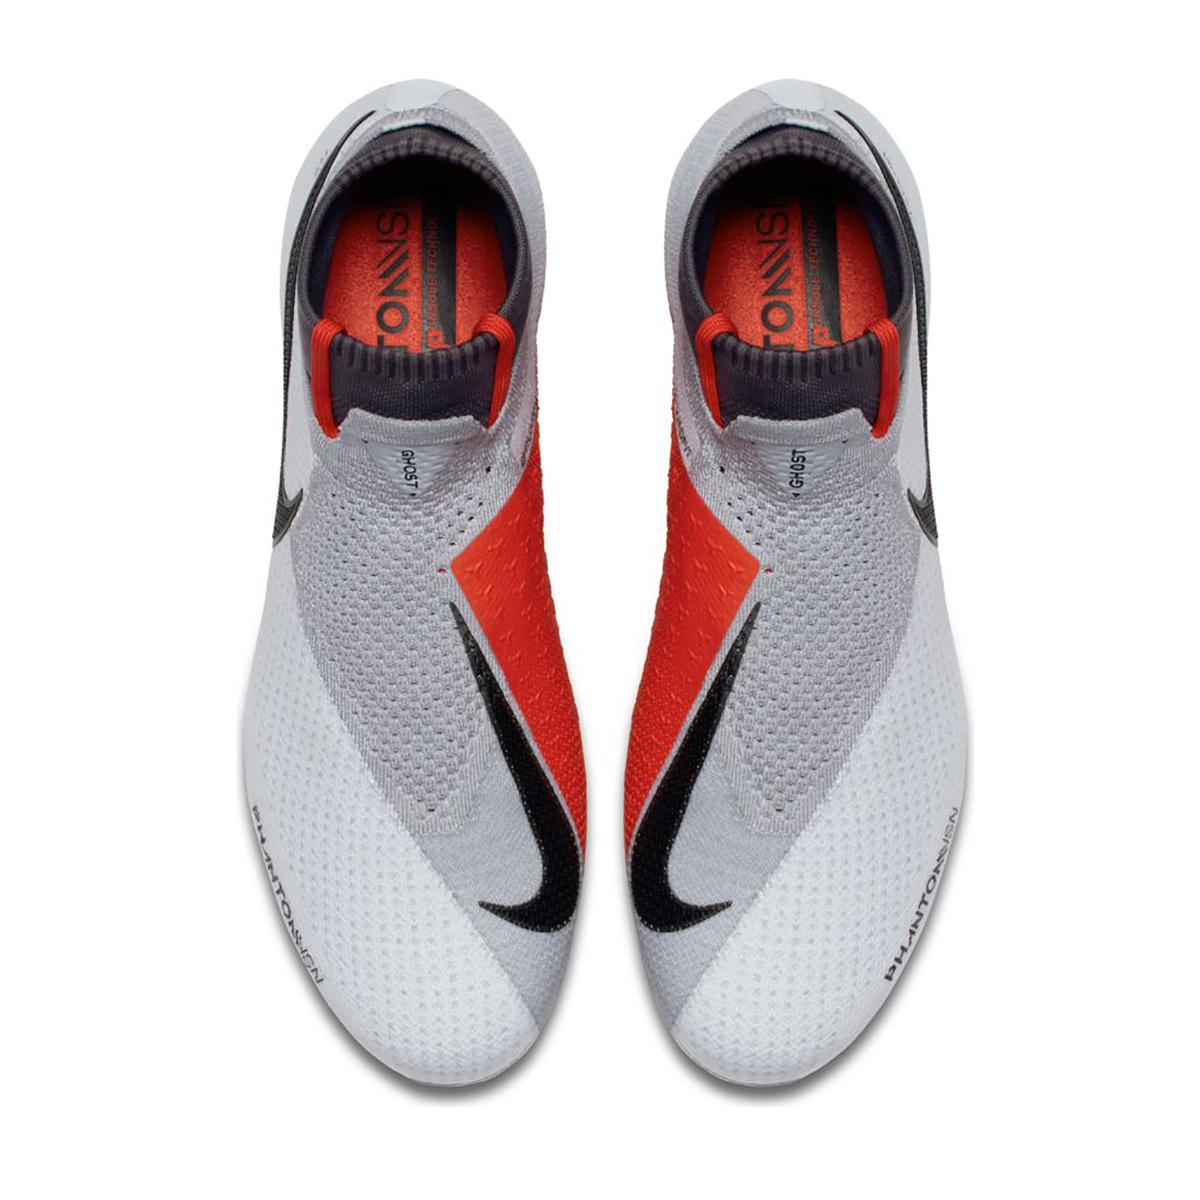 Scarpe vision elite Phantom Ao3262 Nike fg Calcio Uomo df WvPYnqx5EA